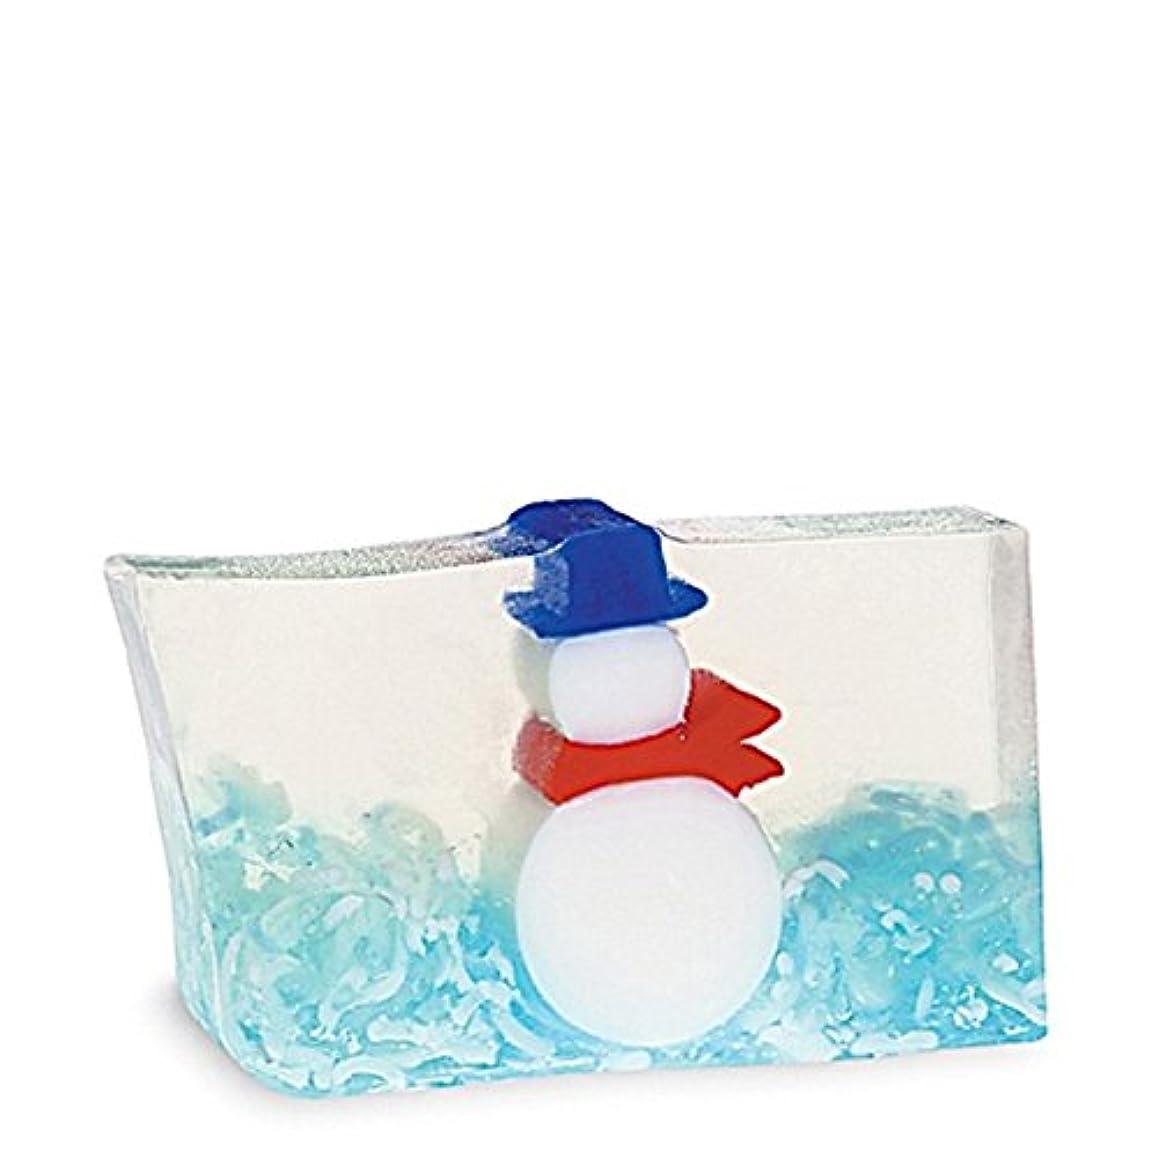 分無関心ビデオ原初の要素雪だるま石鹸170グラム x4 - Primal Elements Snowman Soap 170g (Pack of 4) [並行輸入品]